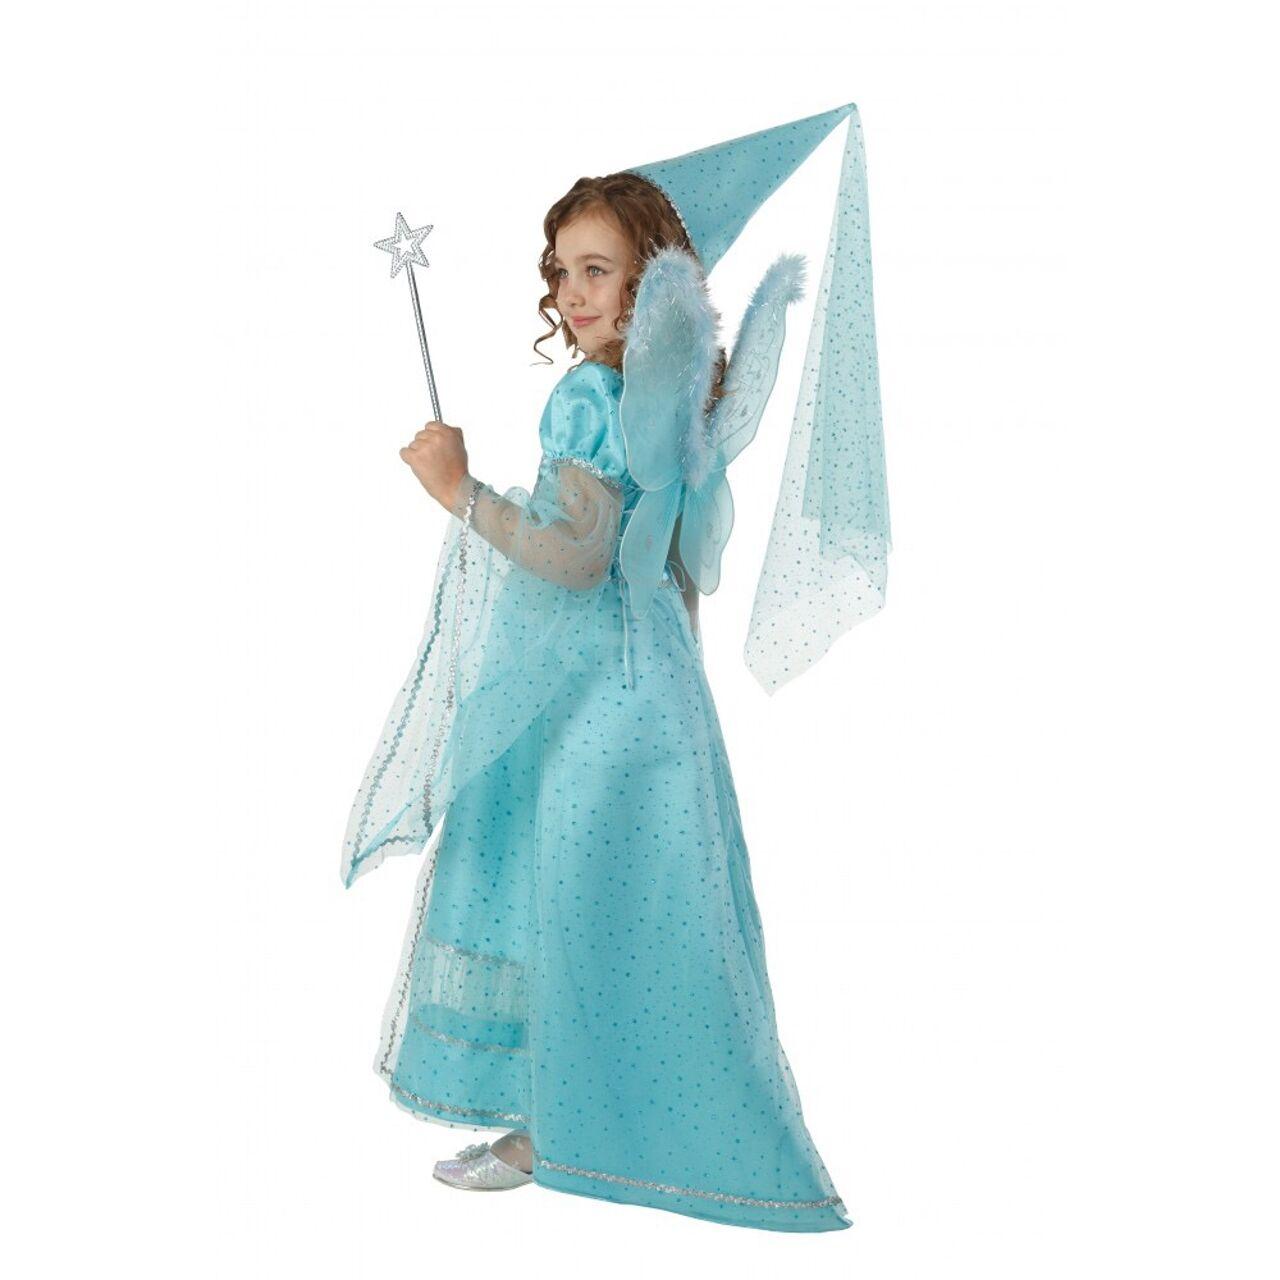 добавляют костюм для феи в картинках был известен